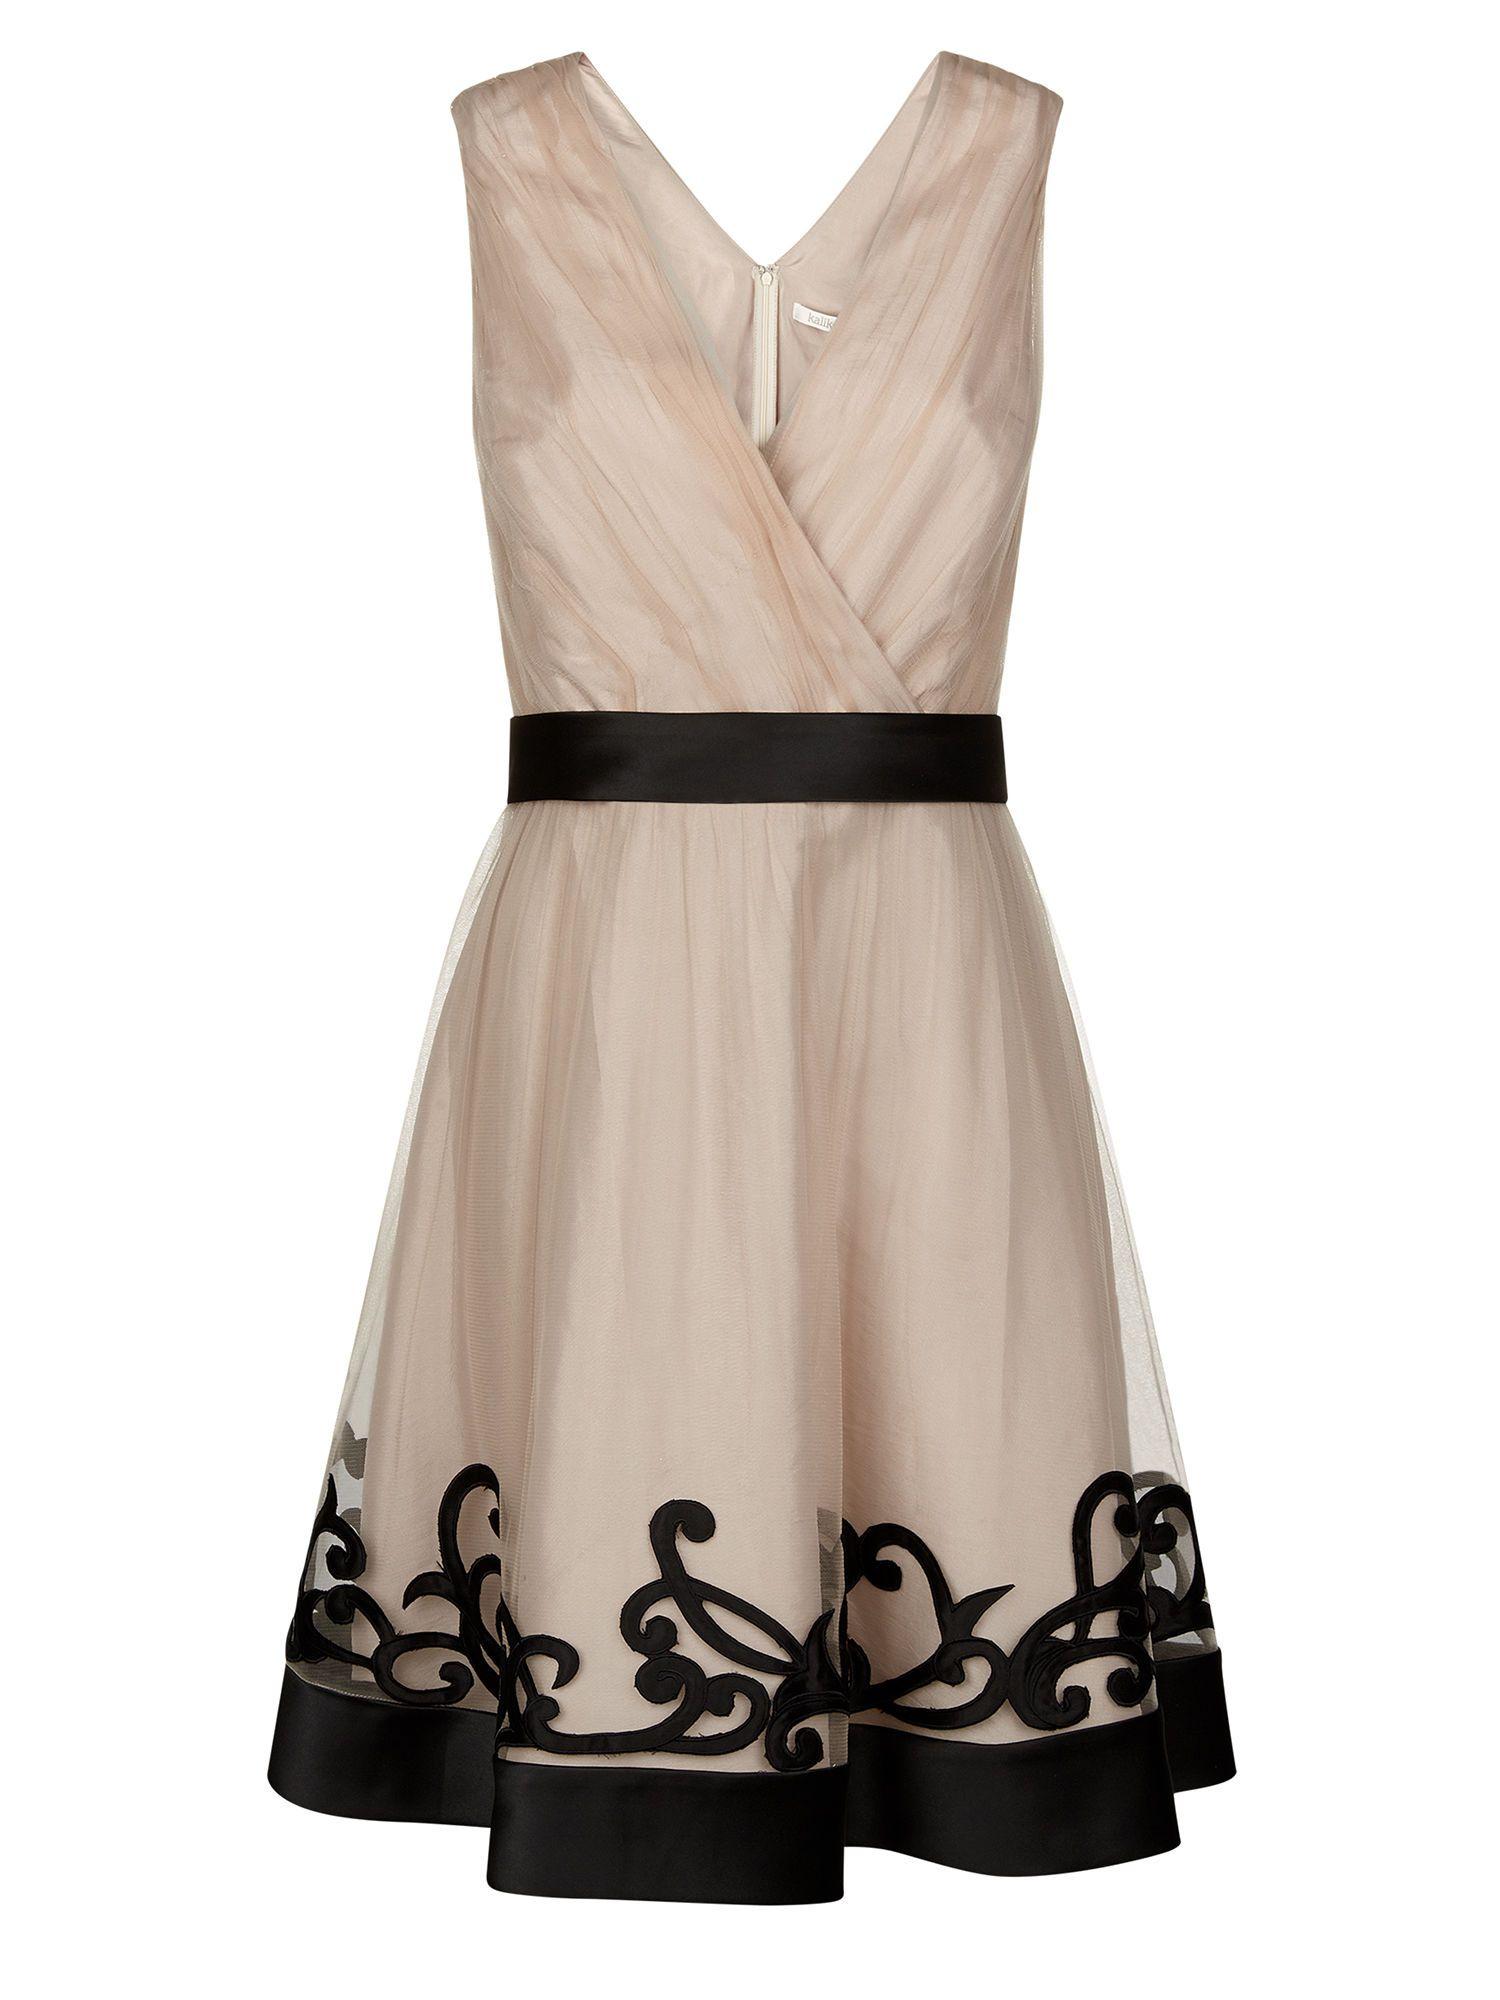 Kaliko mesh applique vintage prom autumn wedding outfits